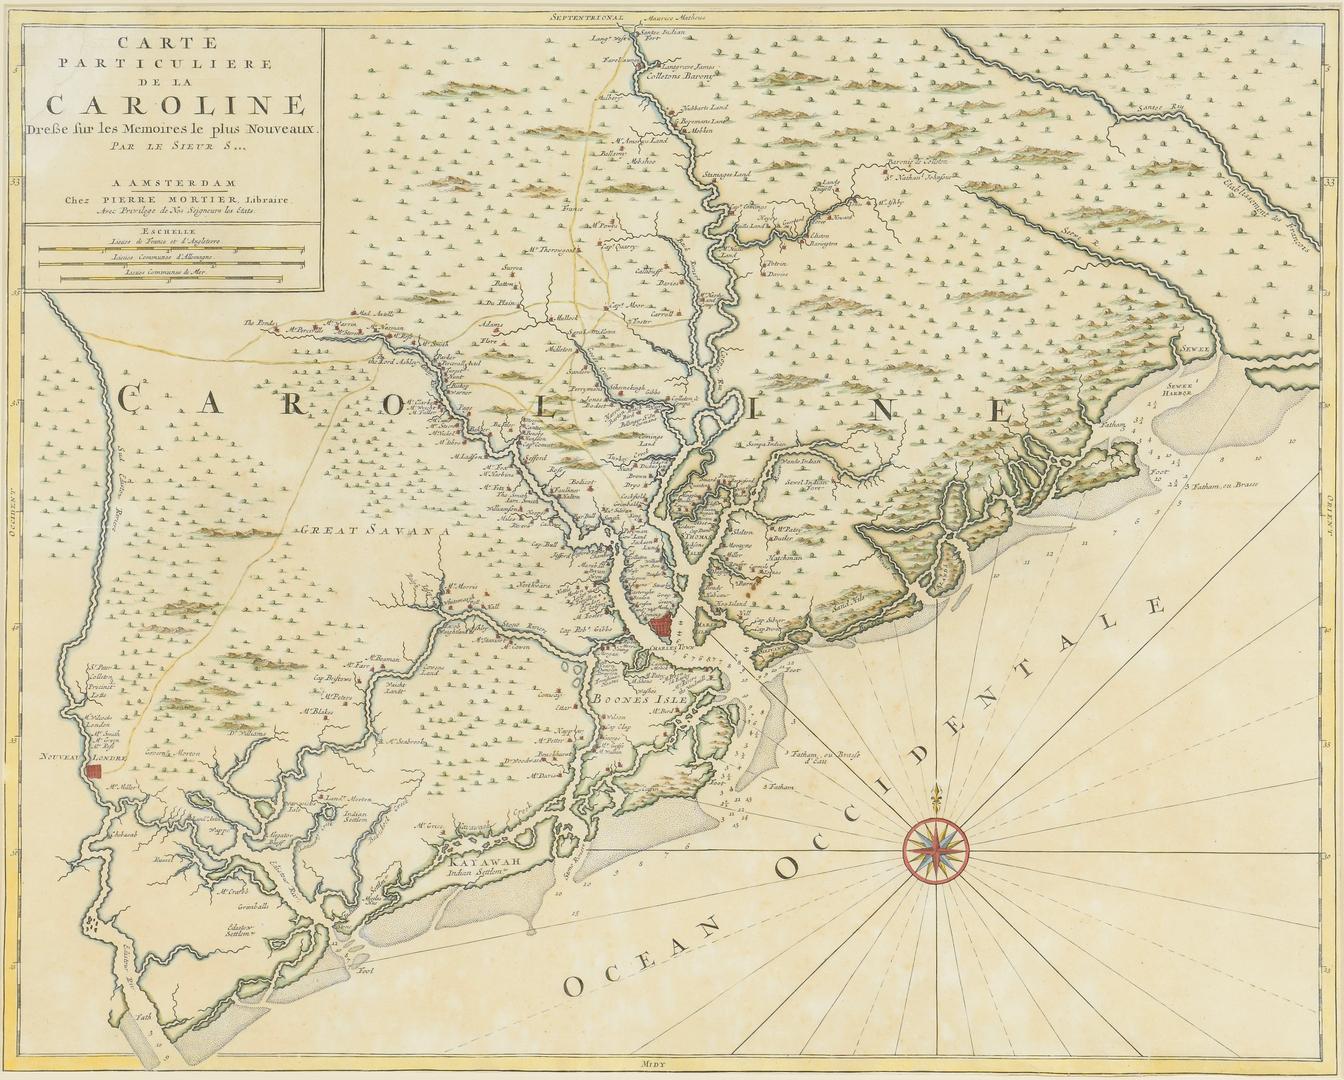 Lot 265 Important Early South Carolina Map 1696